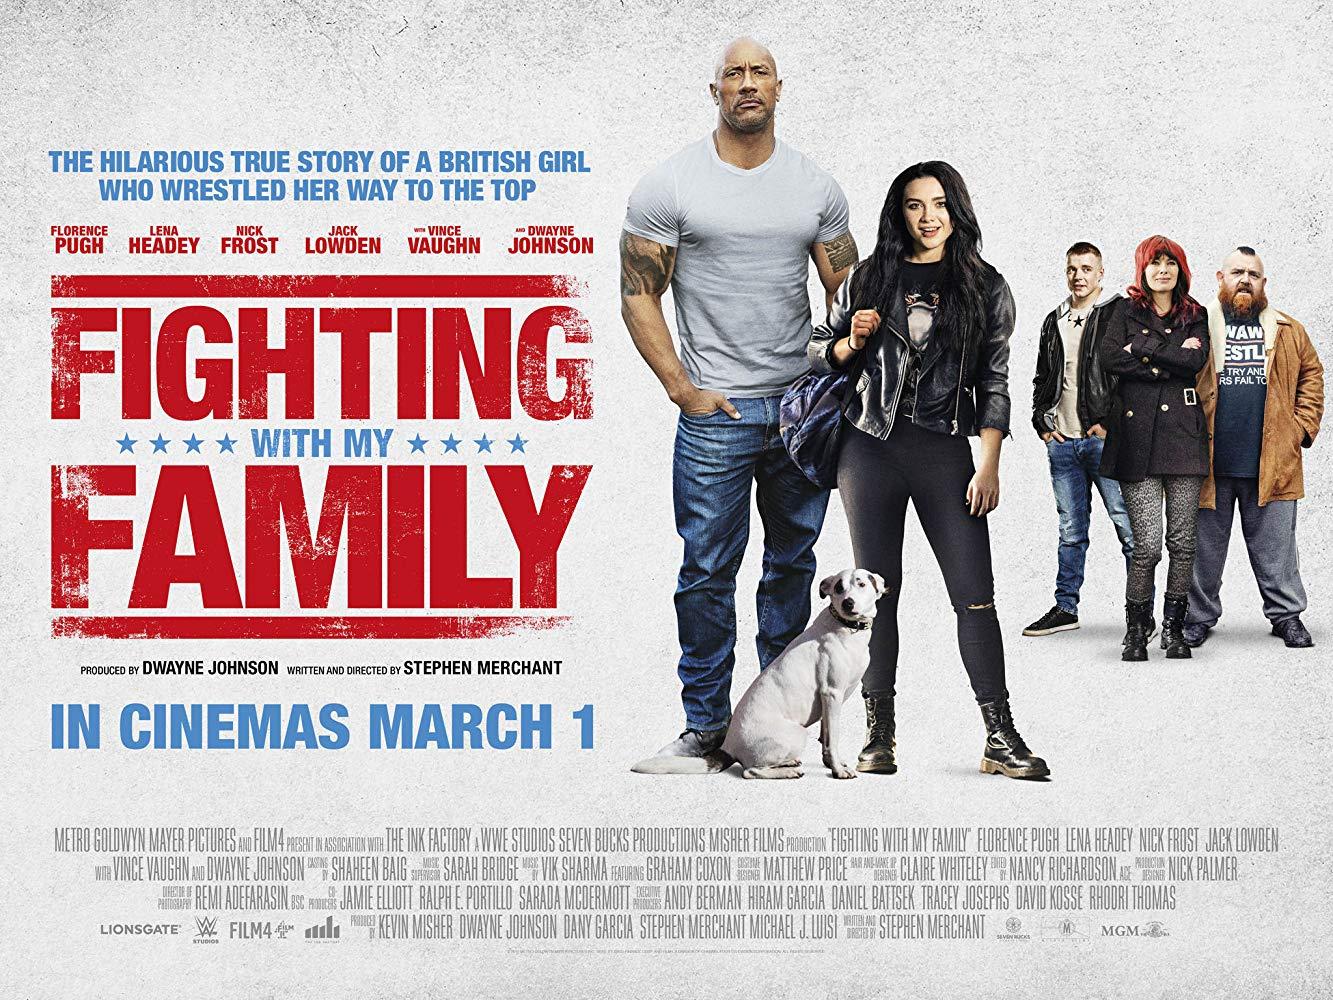 فیلم سینمایی مبارزه با خانوادهام را ببینیم یا نه؟